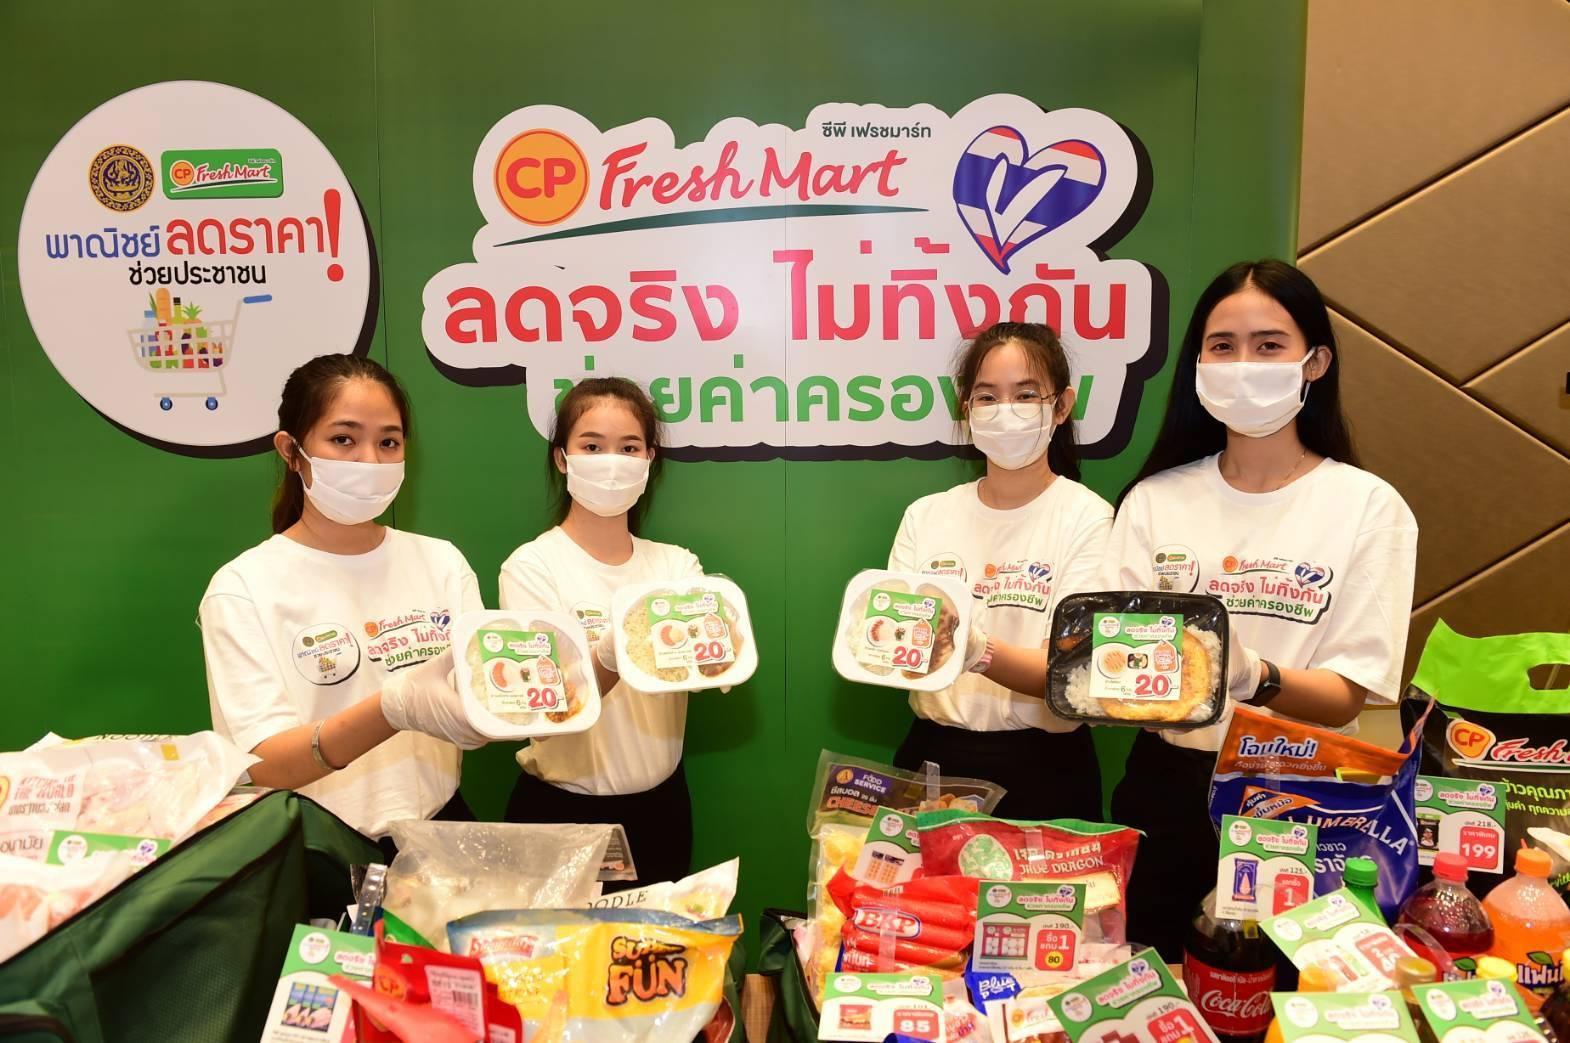 ซีพีเอฟ จัดอาหารปลอดภัยราคาโดนใจ 20 บาท 1 ล้านกล่อง ช่วยเหลือคนไทย ...